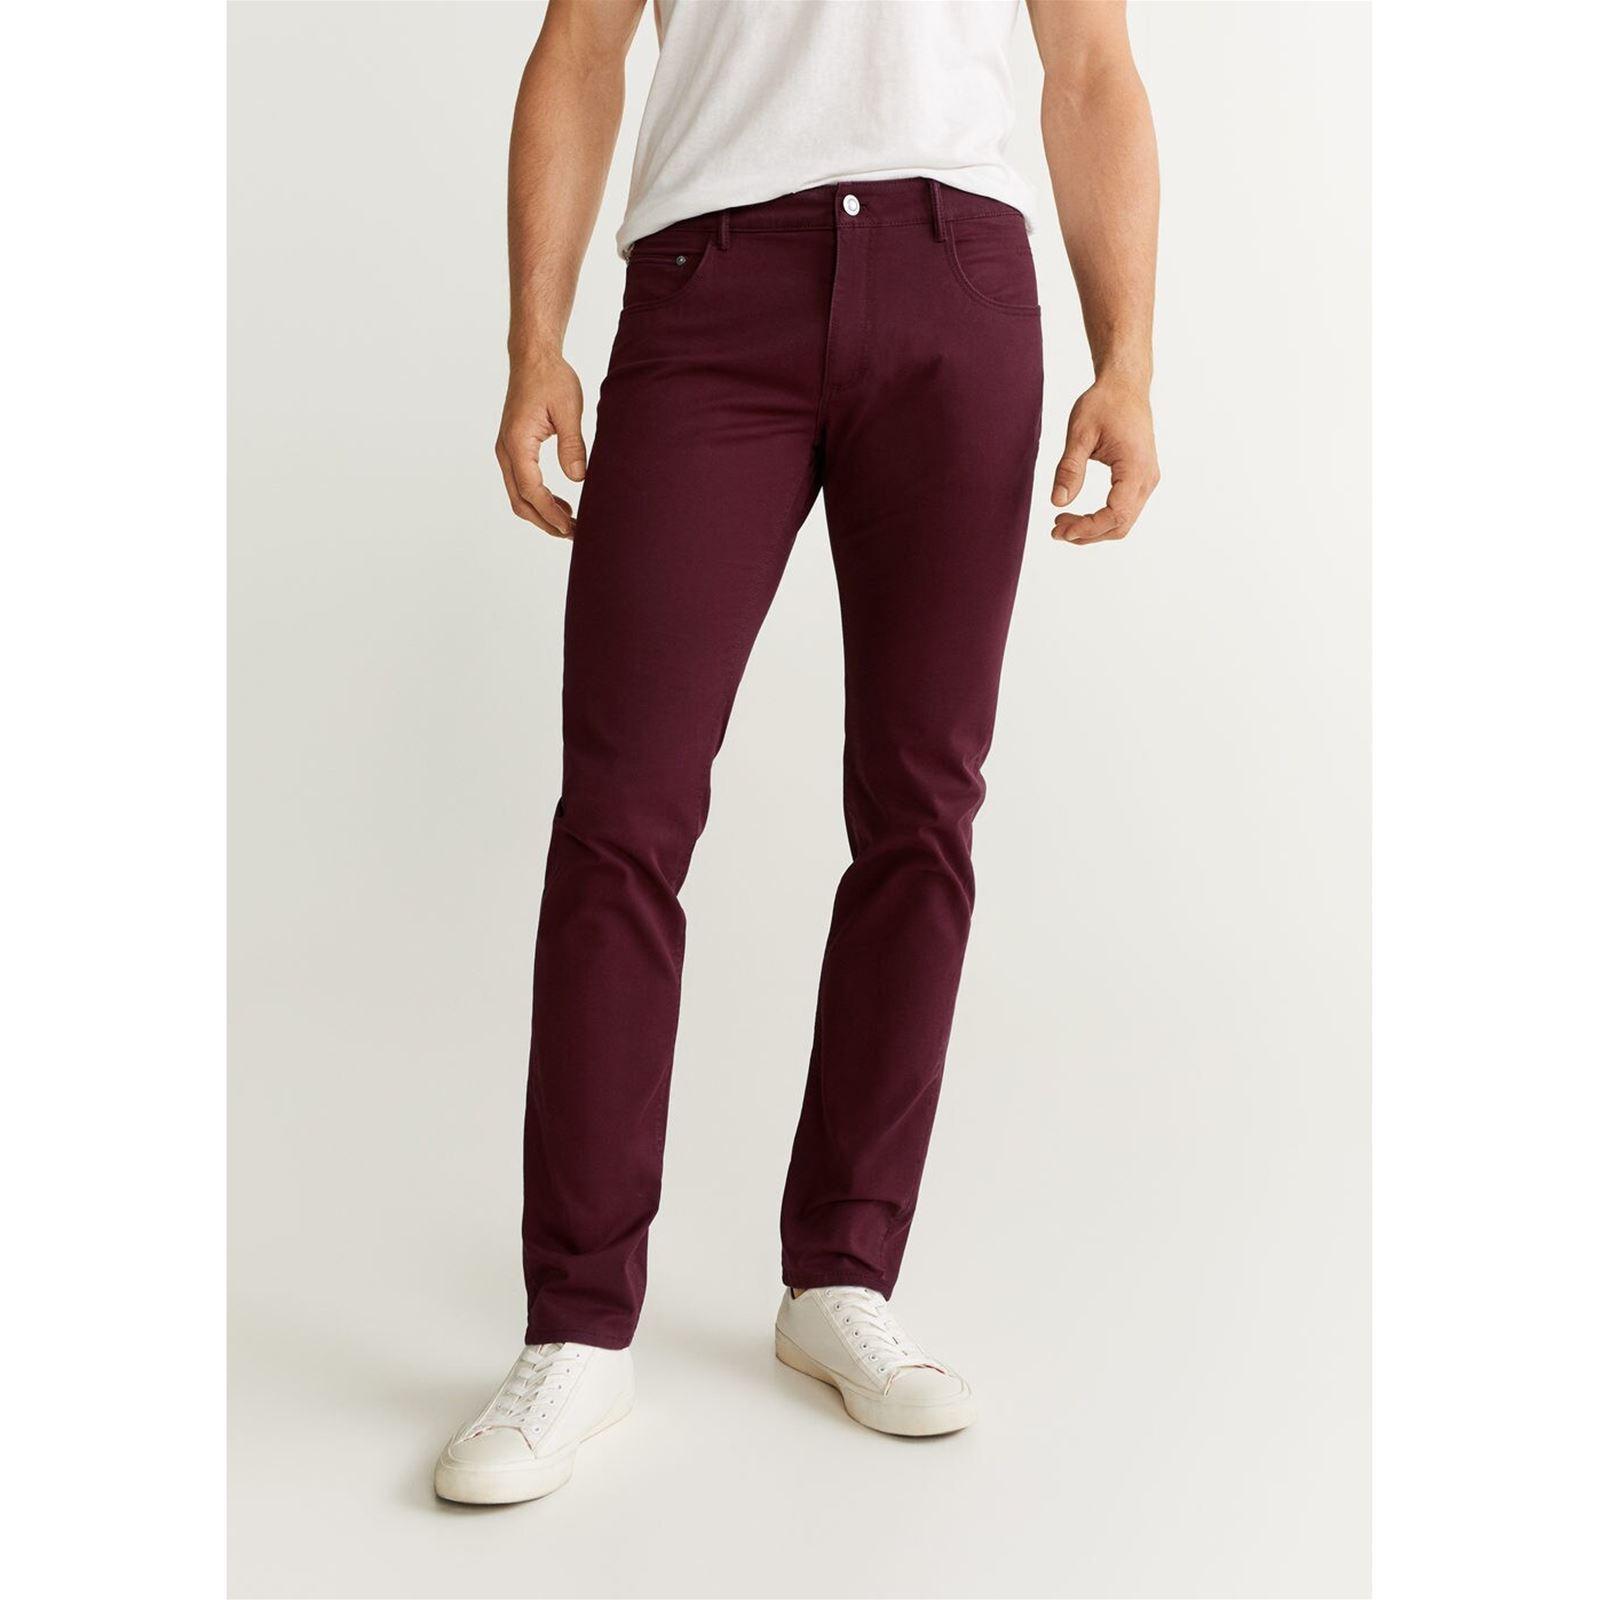 pantalon bordeaux homme